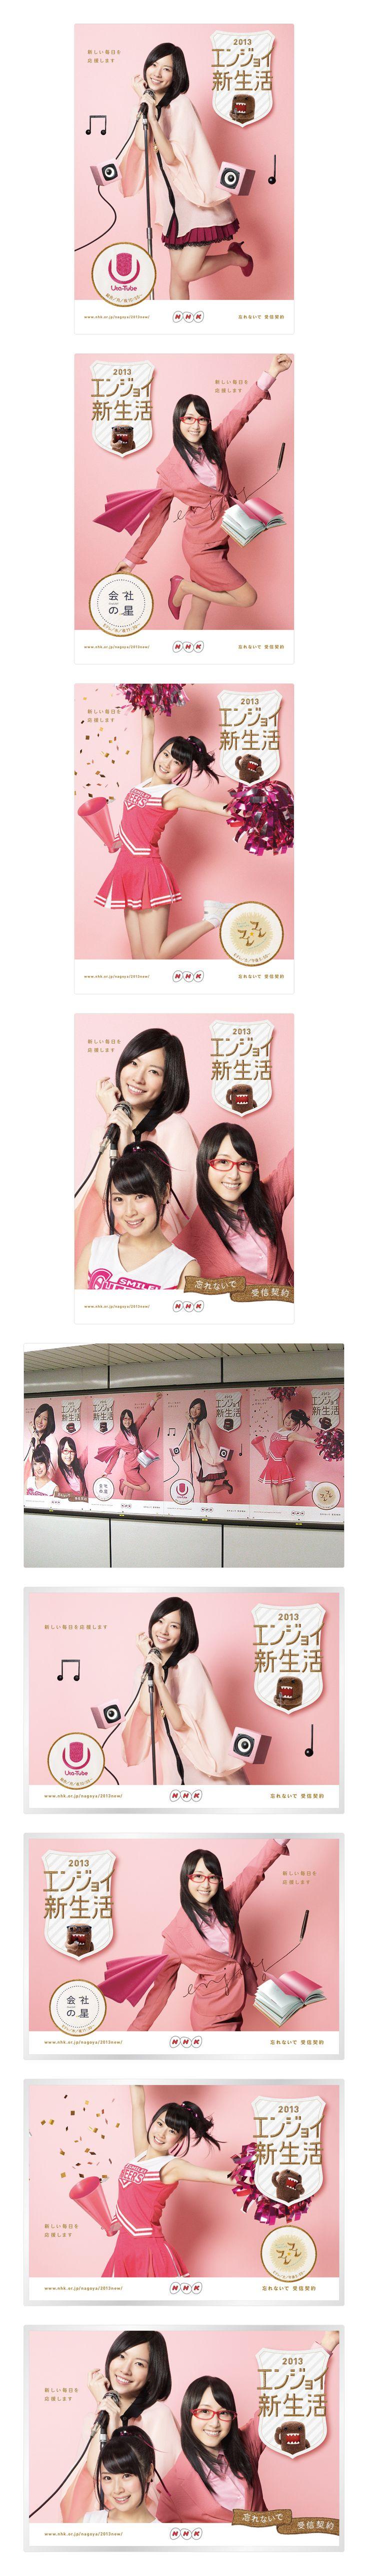 http://creun.jp/works/nhk2013/